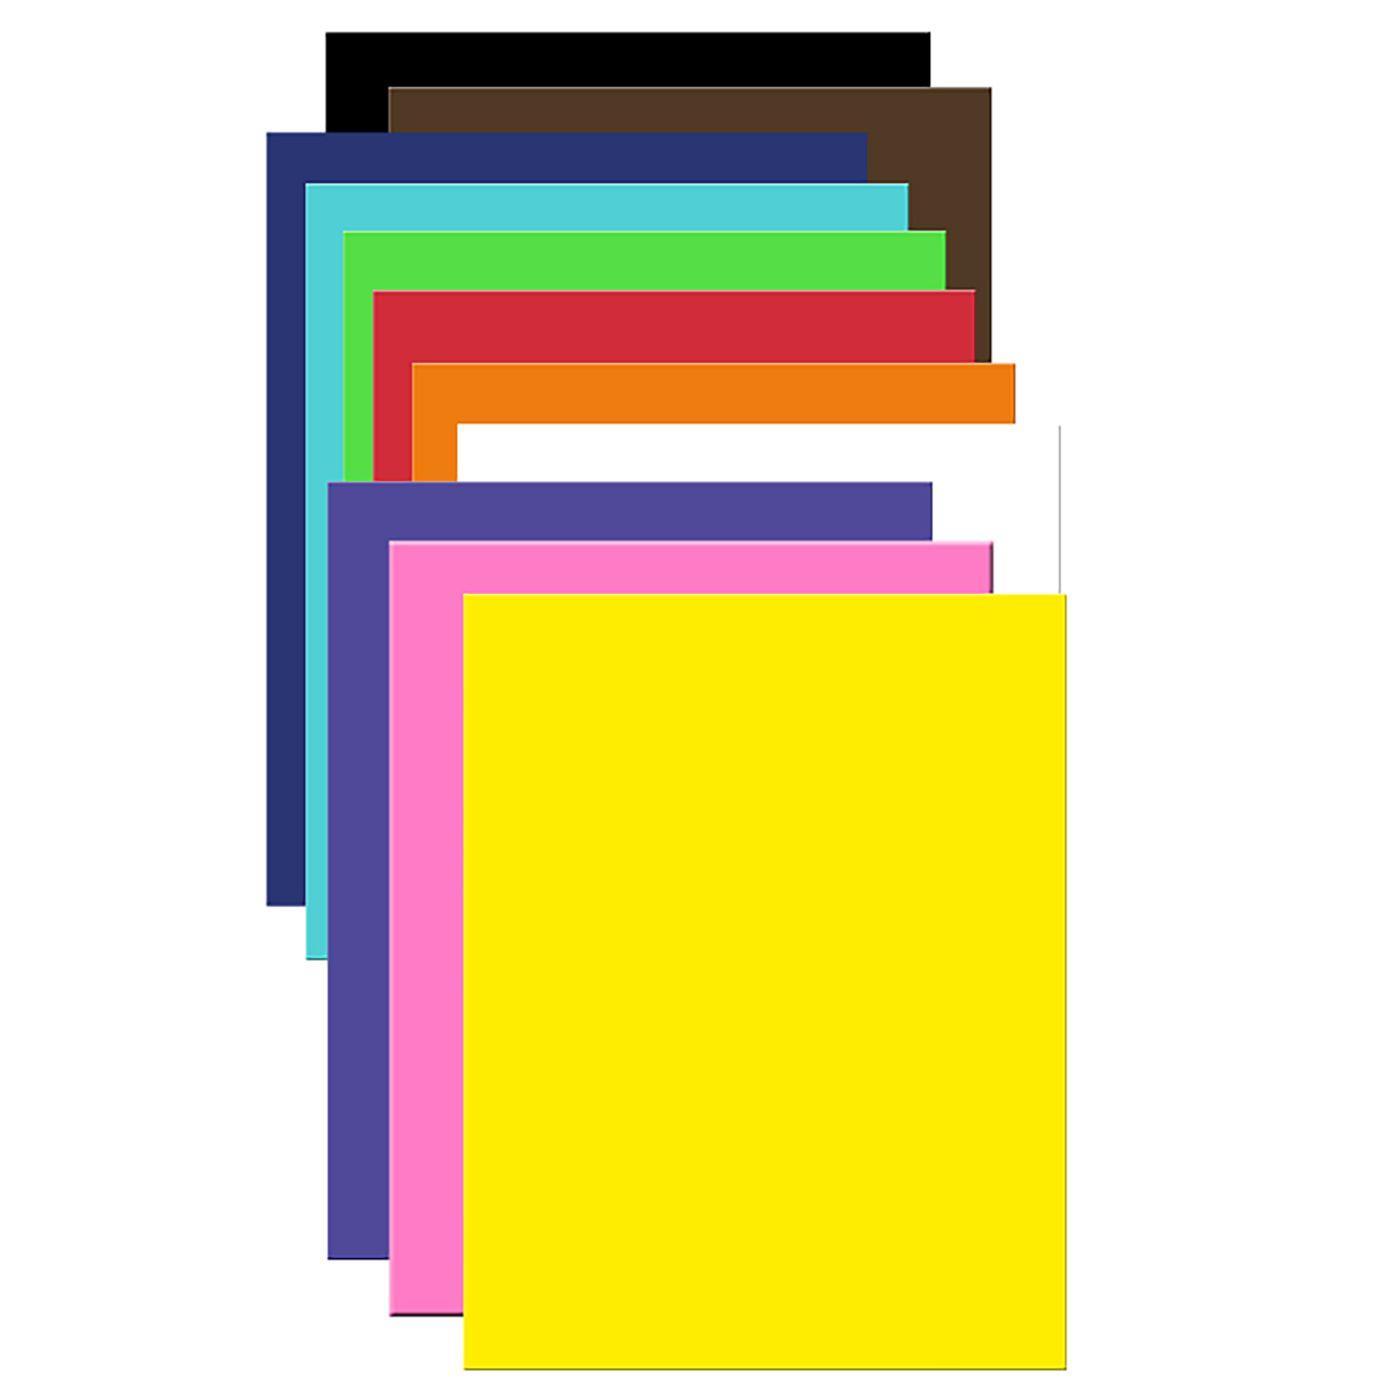 ΧΑΡΤΟΝΙΑ ΚΟΛΑΖ  ΧΡΩΜΑΤΑ όλα τα χρώματα=50x70cm (μονο το λευκο=57x79cm)